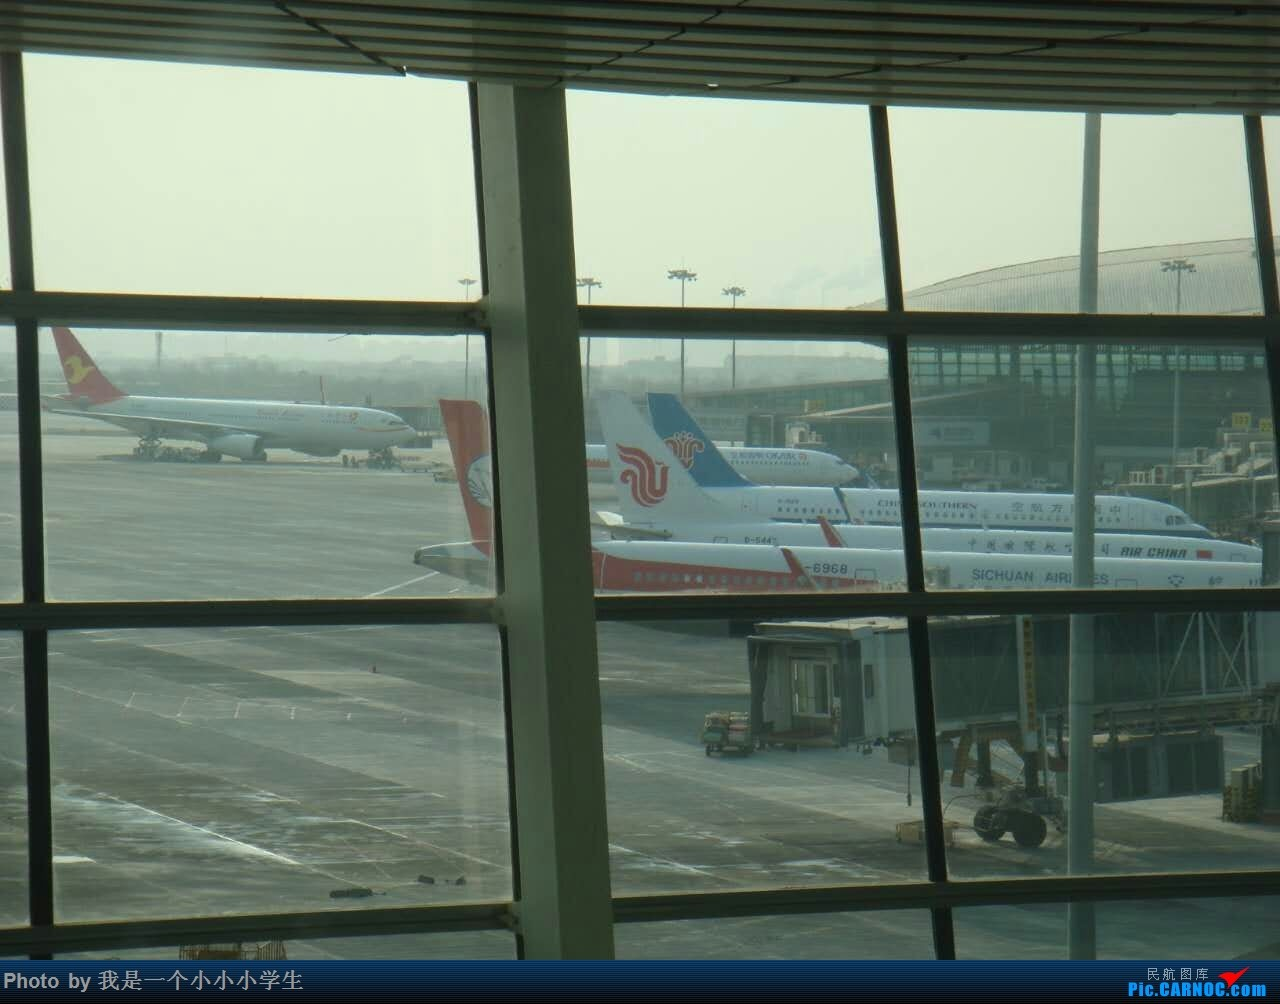 [原创]天津-澳门-珠海-天津五日游[上] AIRBUS A321-200 B-6968 中国珠海金湾机场